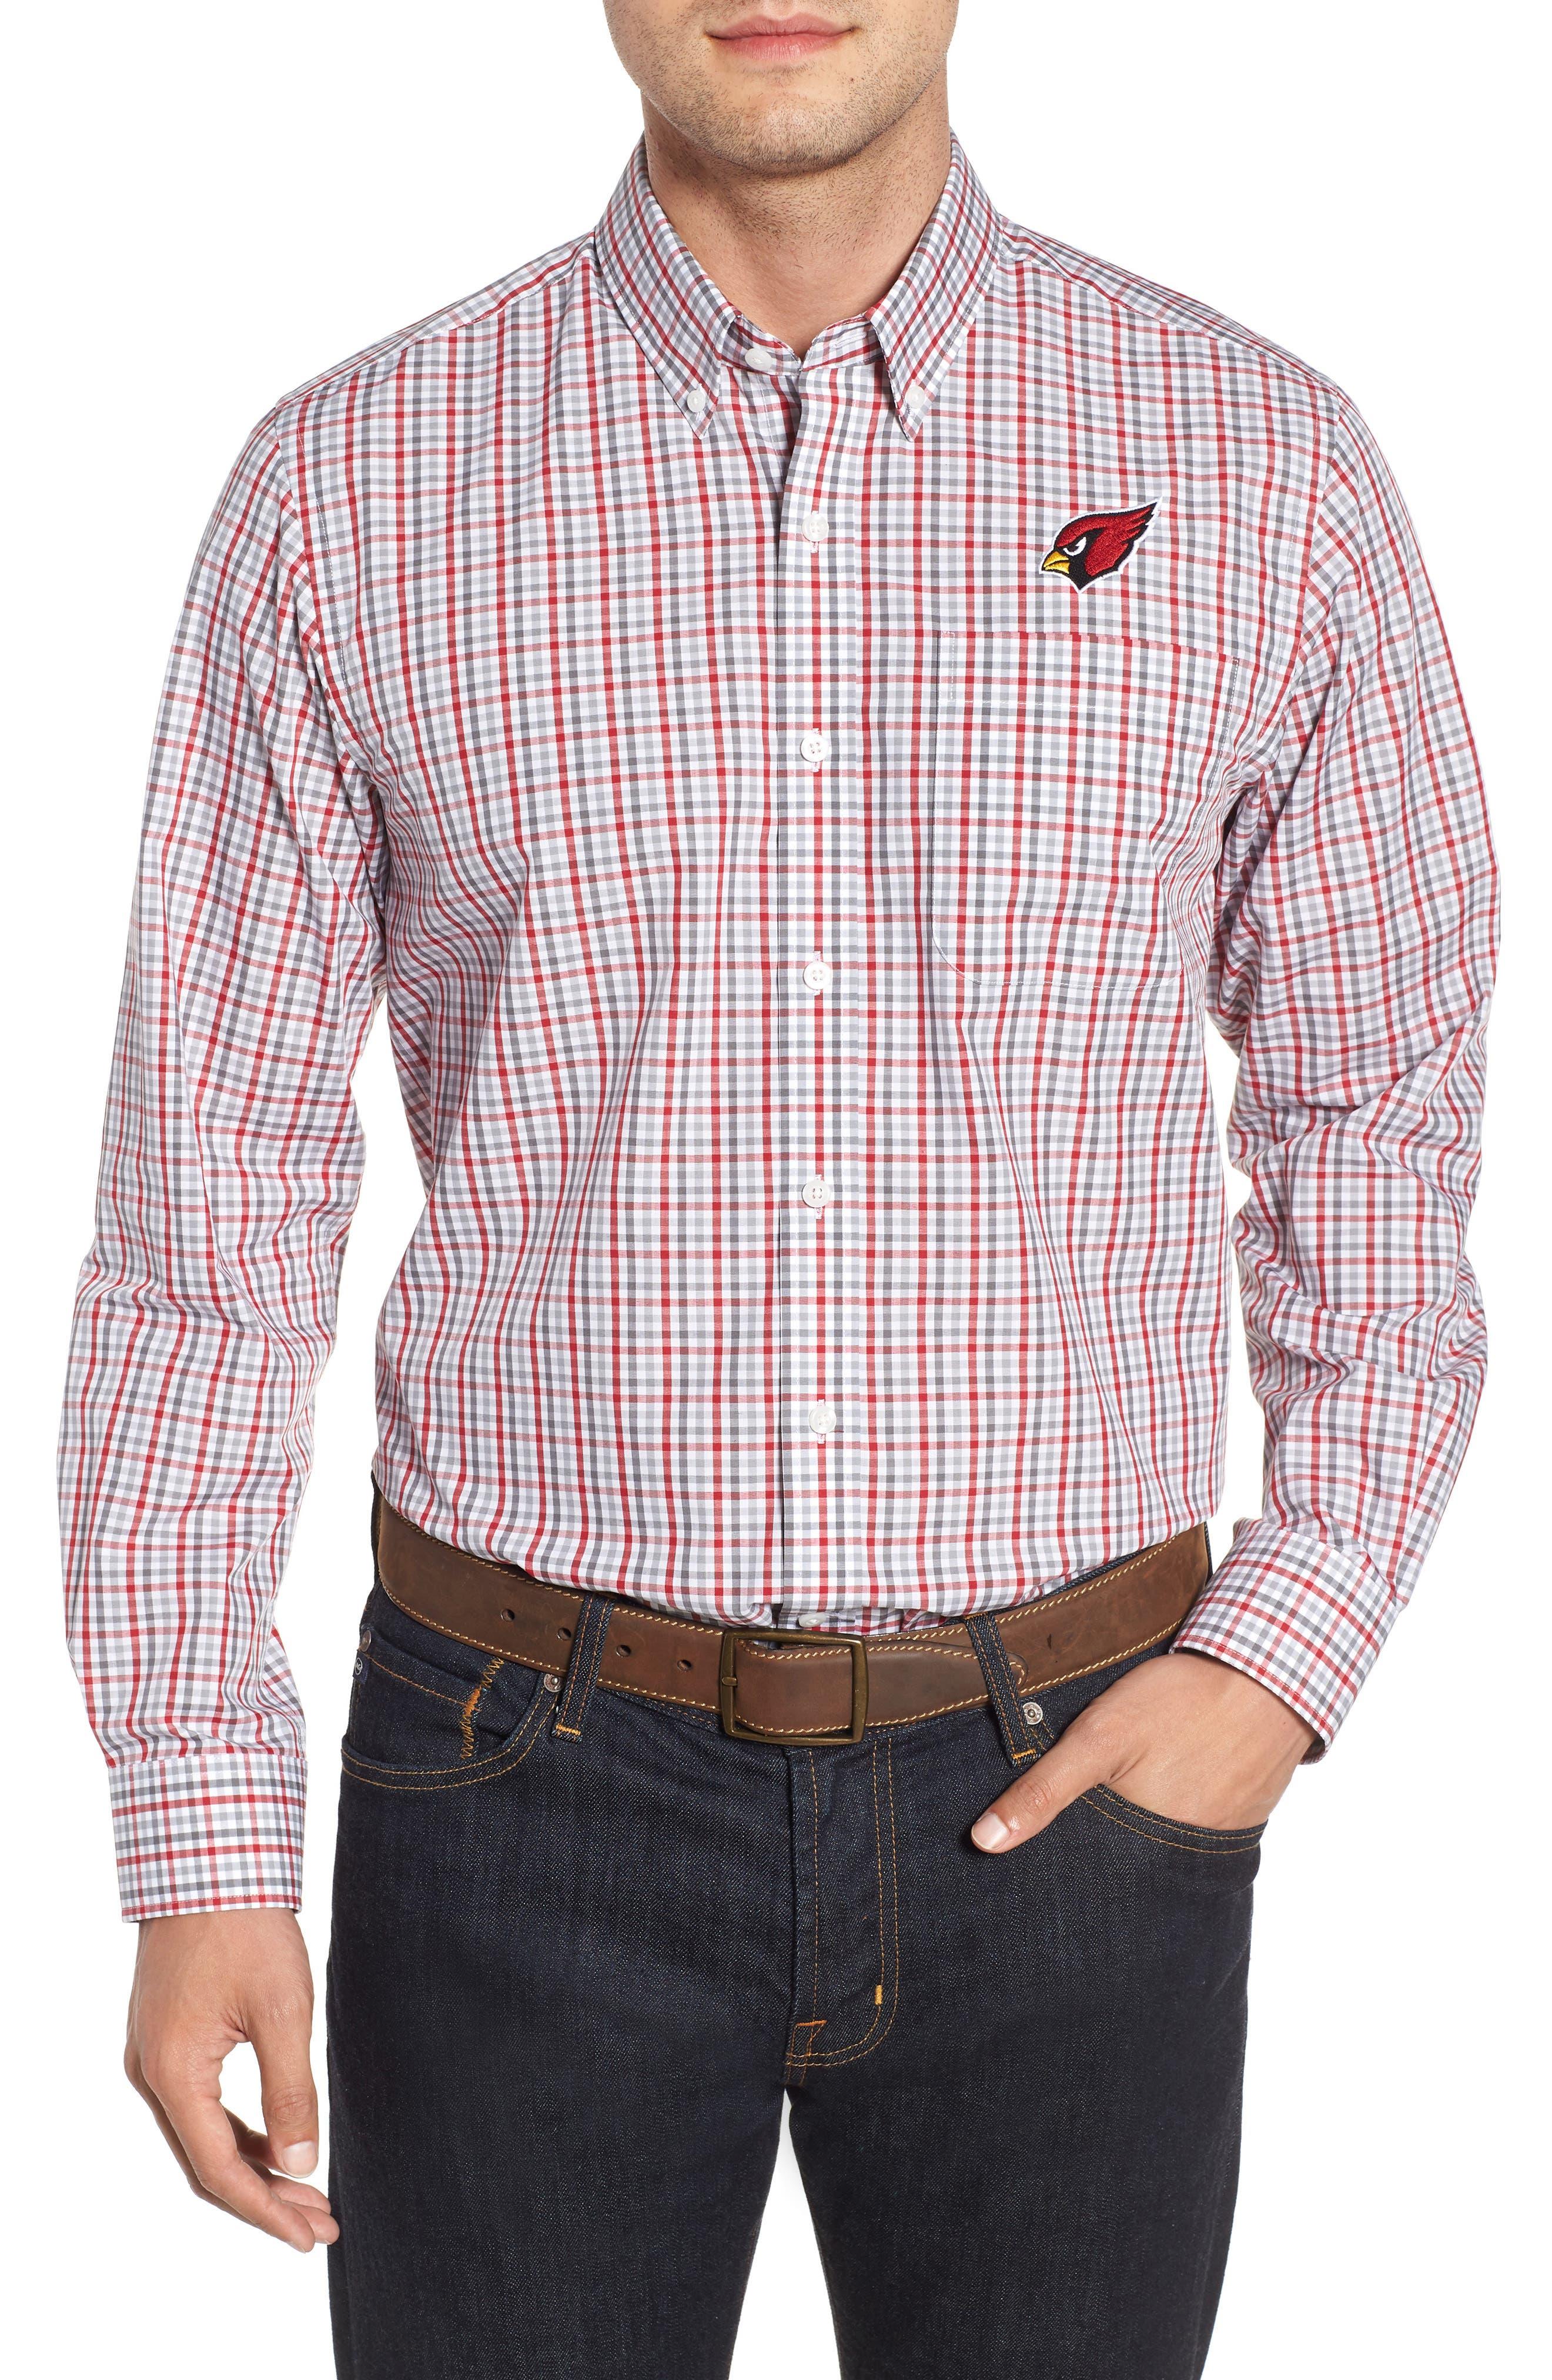 Arizona Cardinals - Gilman Regular Fit Plaid Sport Shirt,                             Main thumbnail 1, color,                             CARDINAL RED